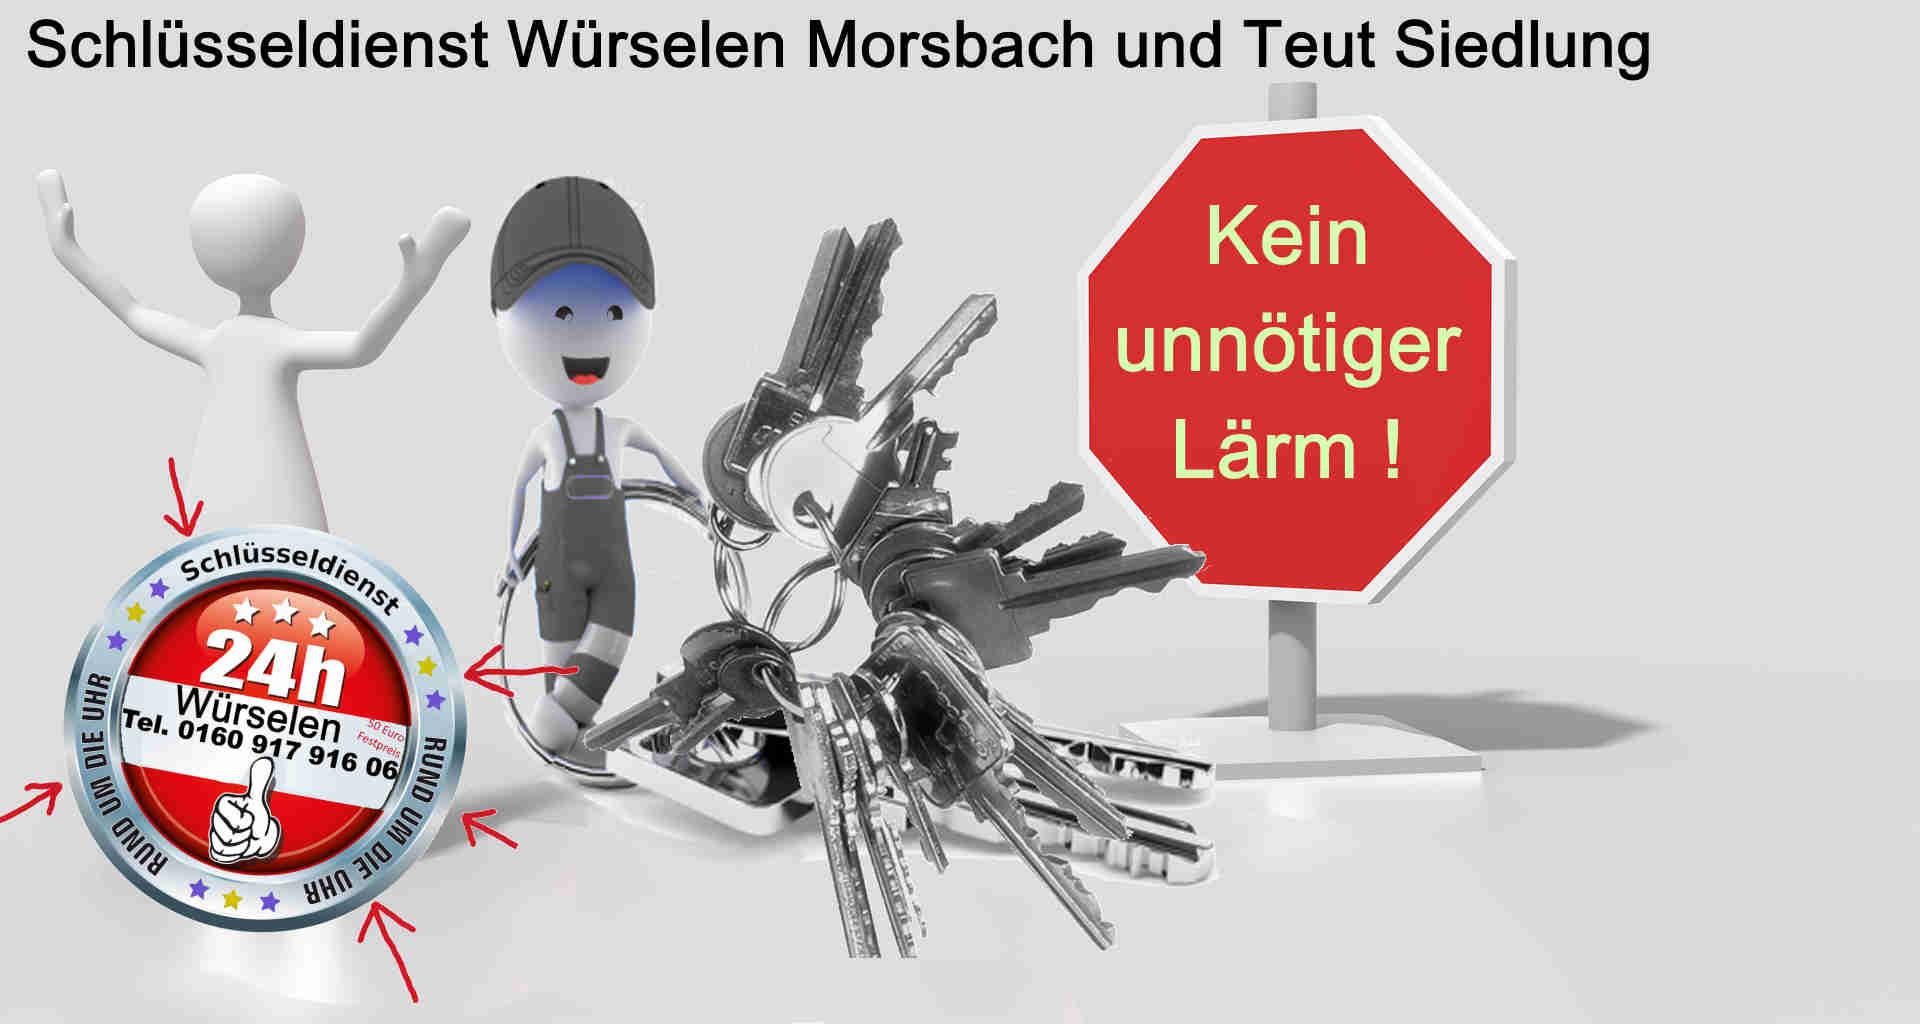 Schlüsseldienst Würselen Morsbach und Schlüsseldienst Würselen Teut Siedlung --